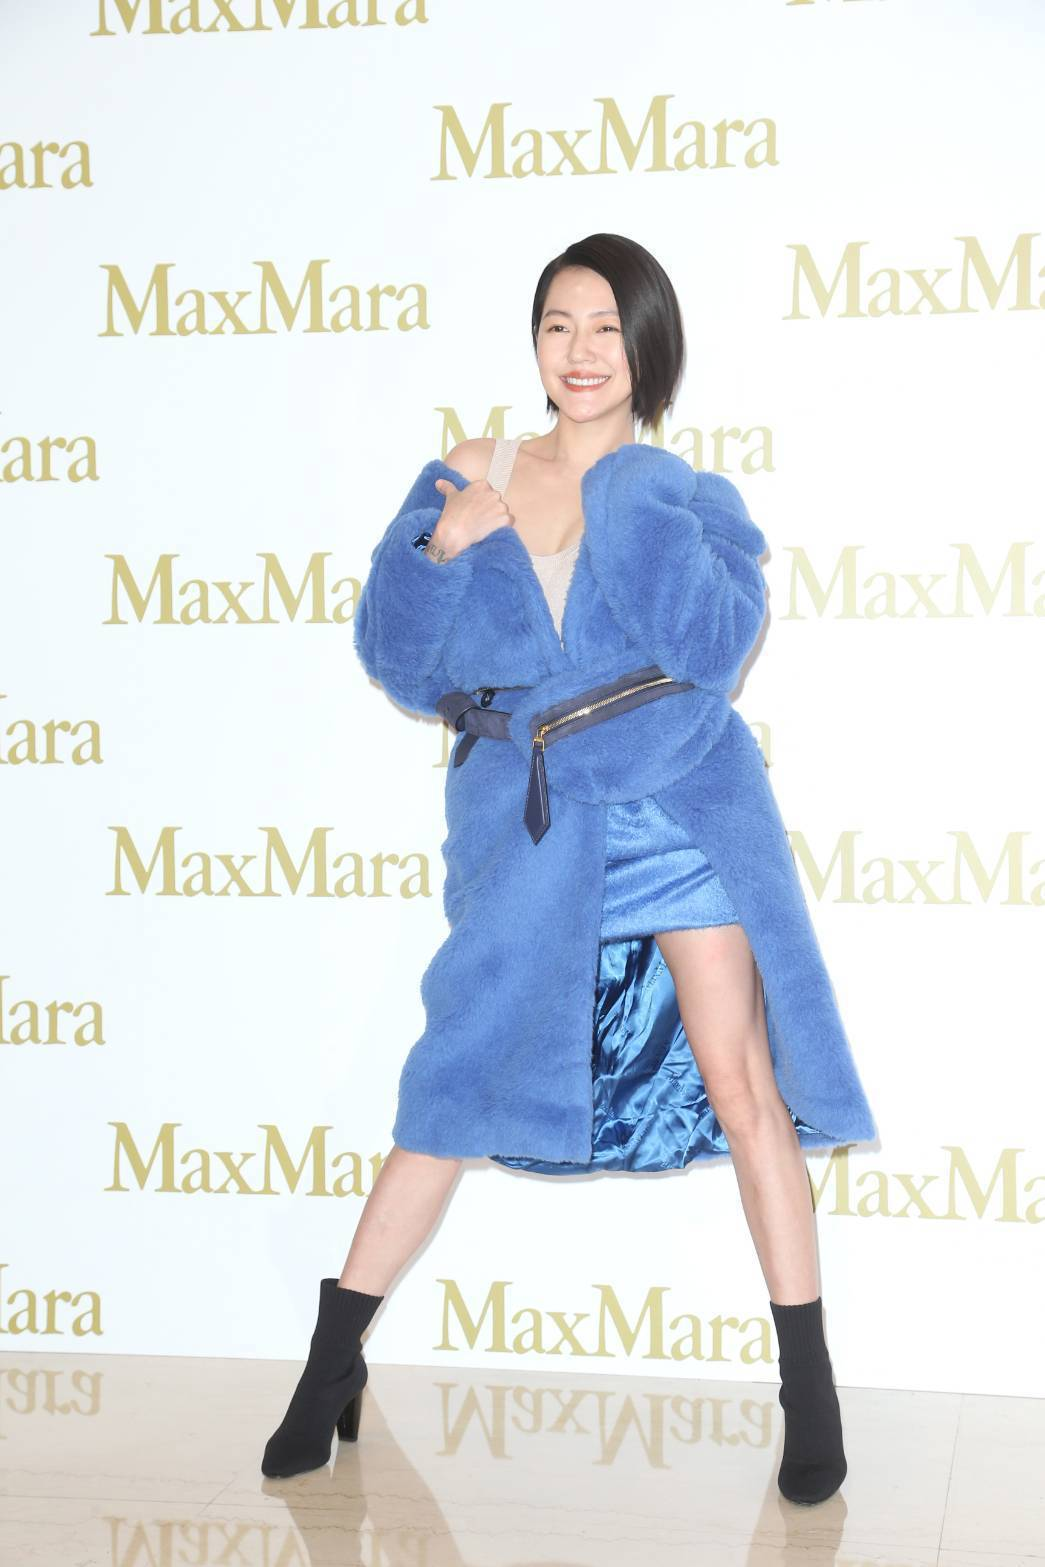 小S徐熙娣出席Max Mara快閃店活動,演繹鈷藍色泰迪熊大衣。記者陳立凱/攝影